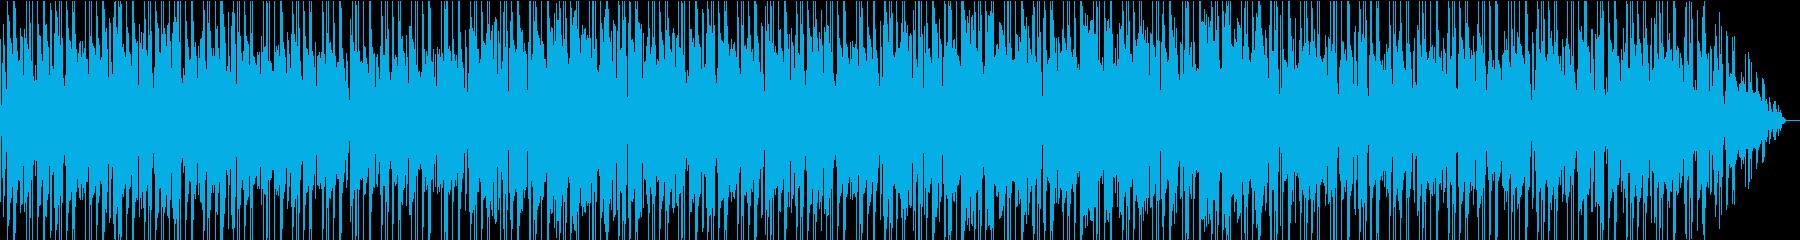 チャイム、ピアノ、ギター、ベース、...の再生済みの波形